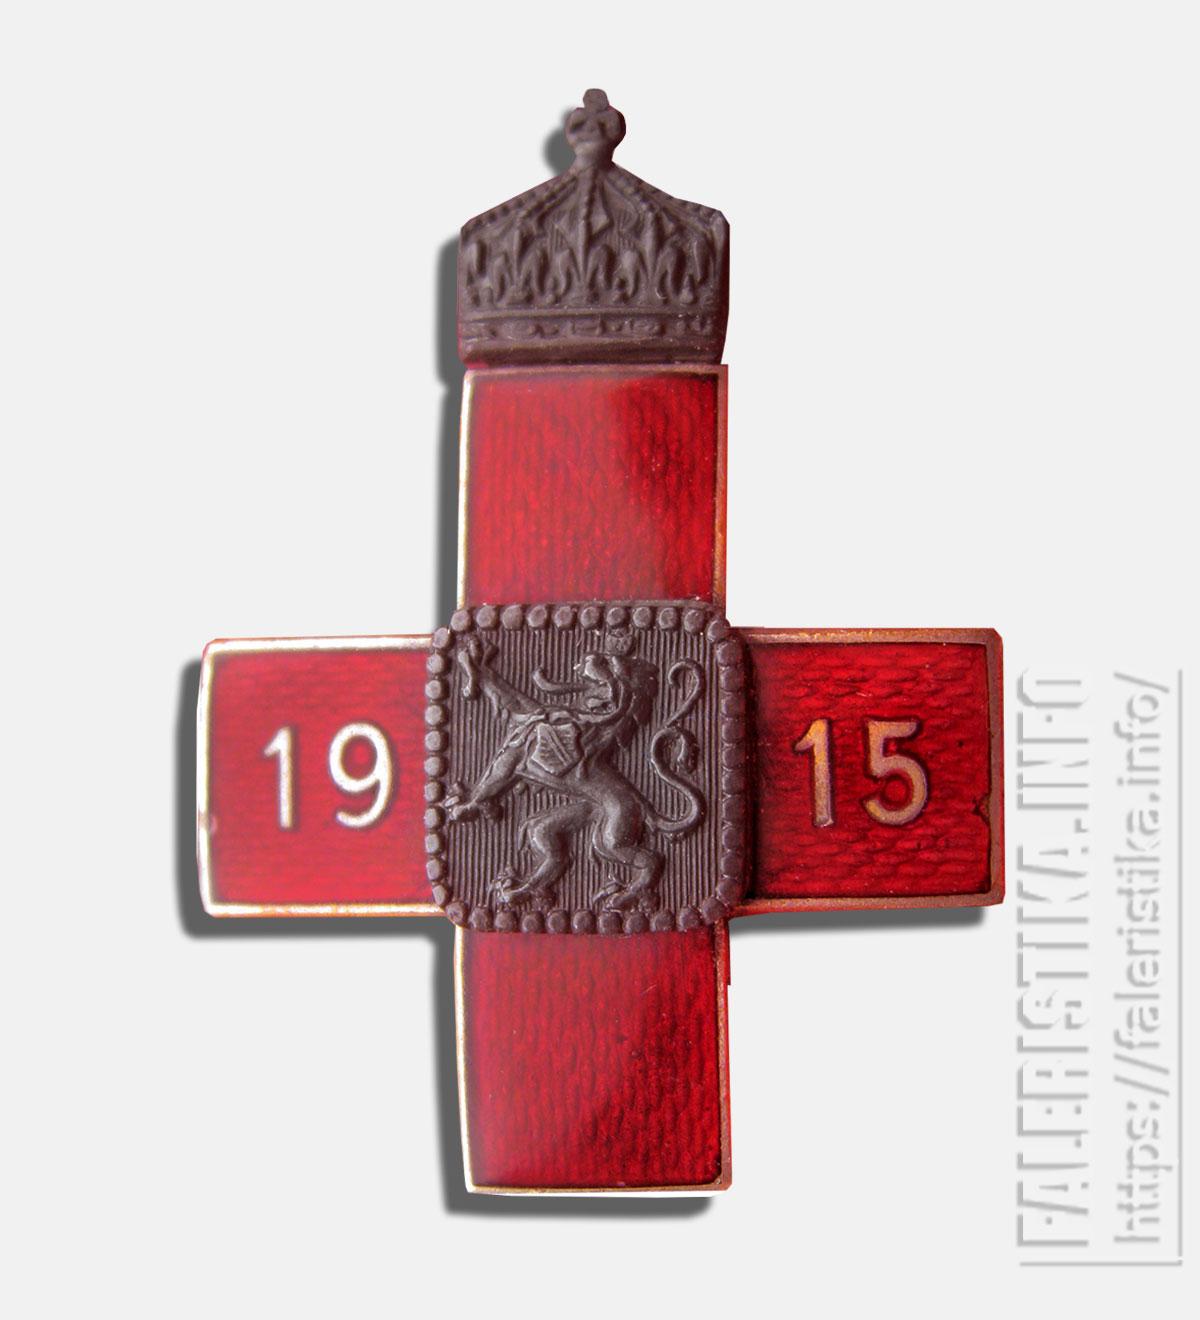 Болгарский медицинский знак периода Первой мировой войны